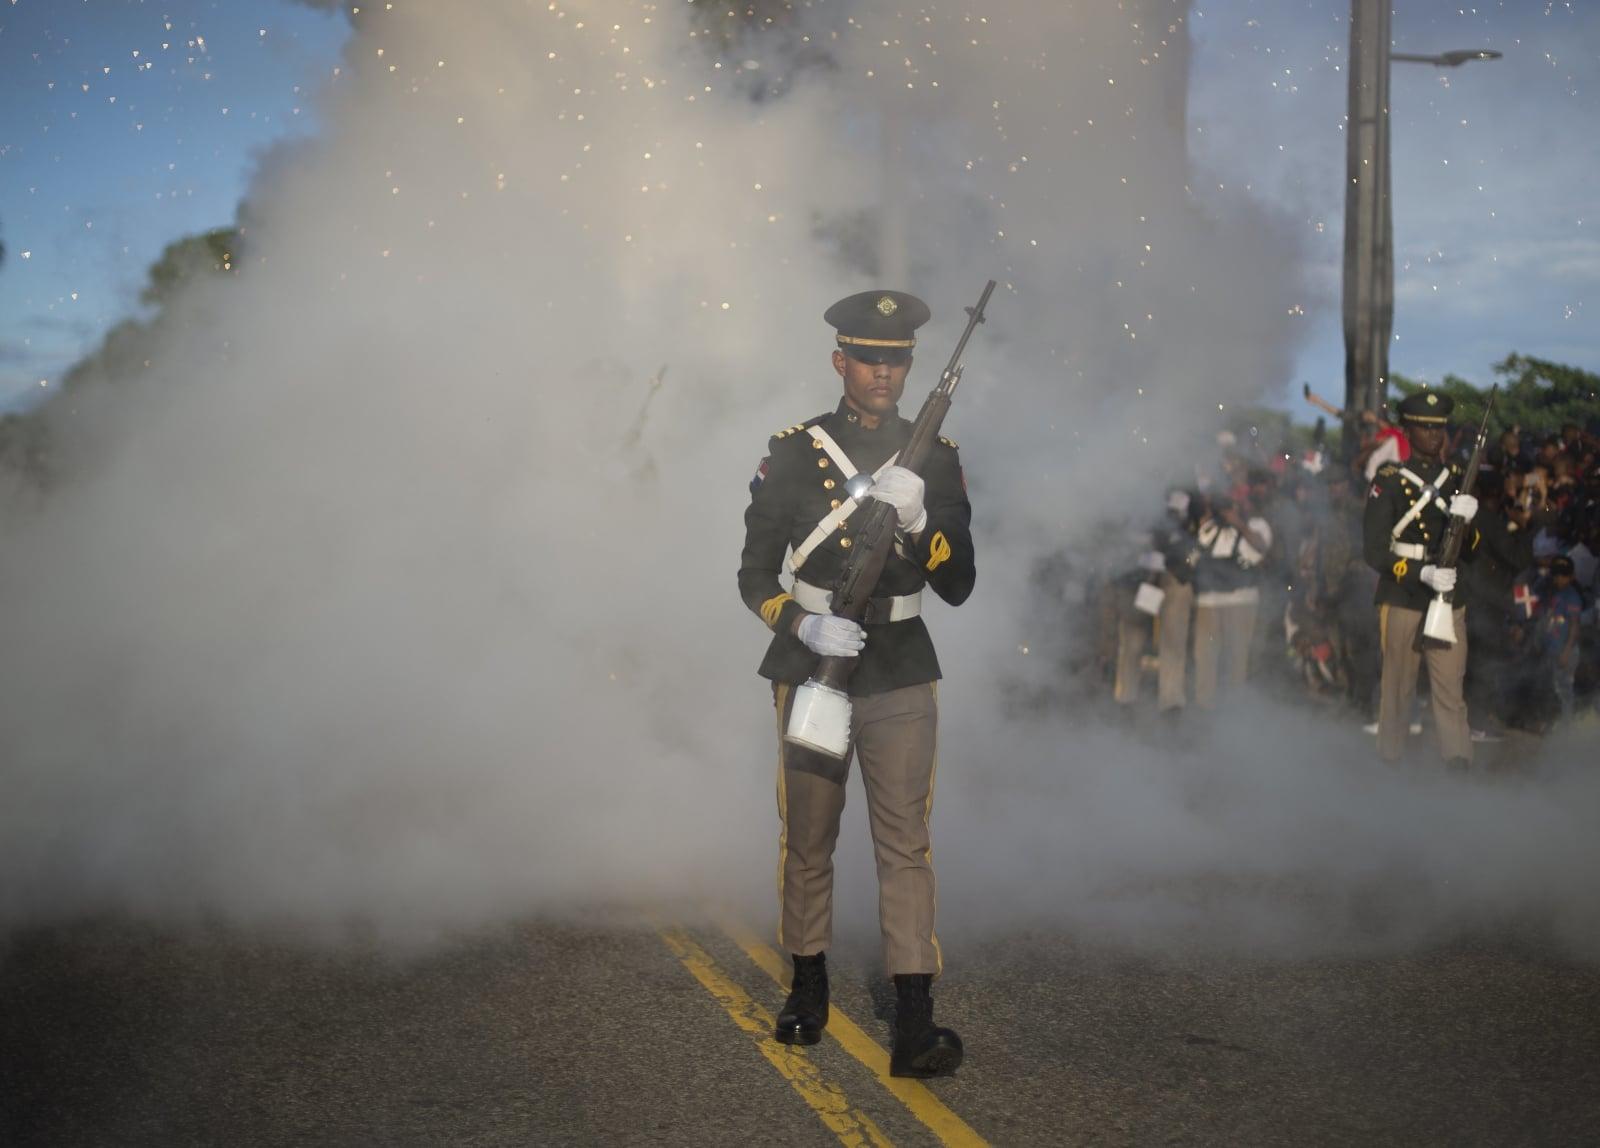 Członkowie Sił Zbrojnych uczestniczą w paradzie wojskowej, aby uczcić 174. rocznicę niepodległości w Santo Domingo, Republika Dominikańska, fot. EPA/ORLANDO BARRIA